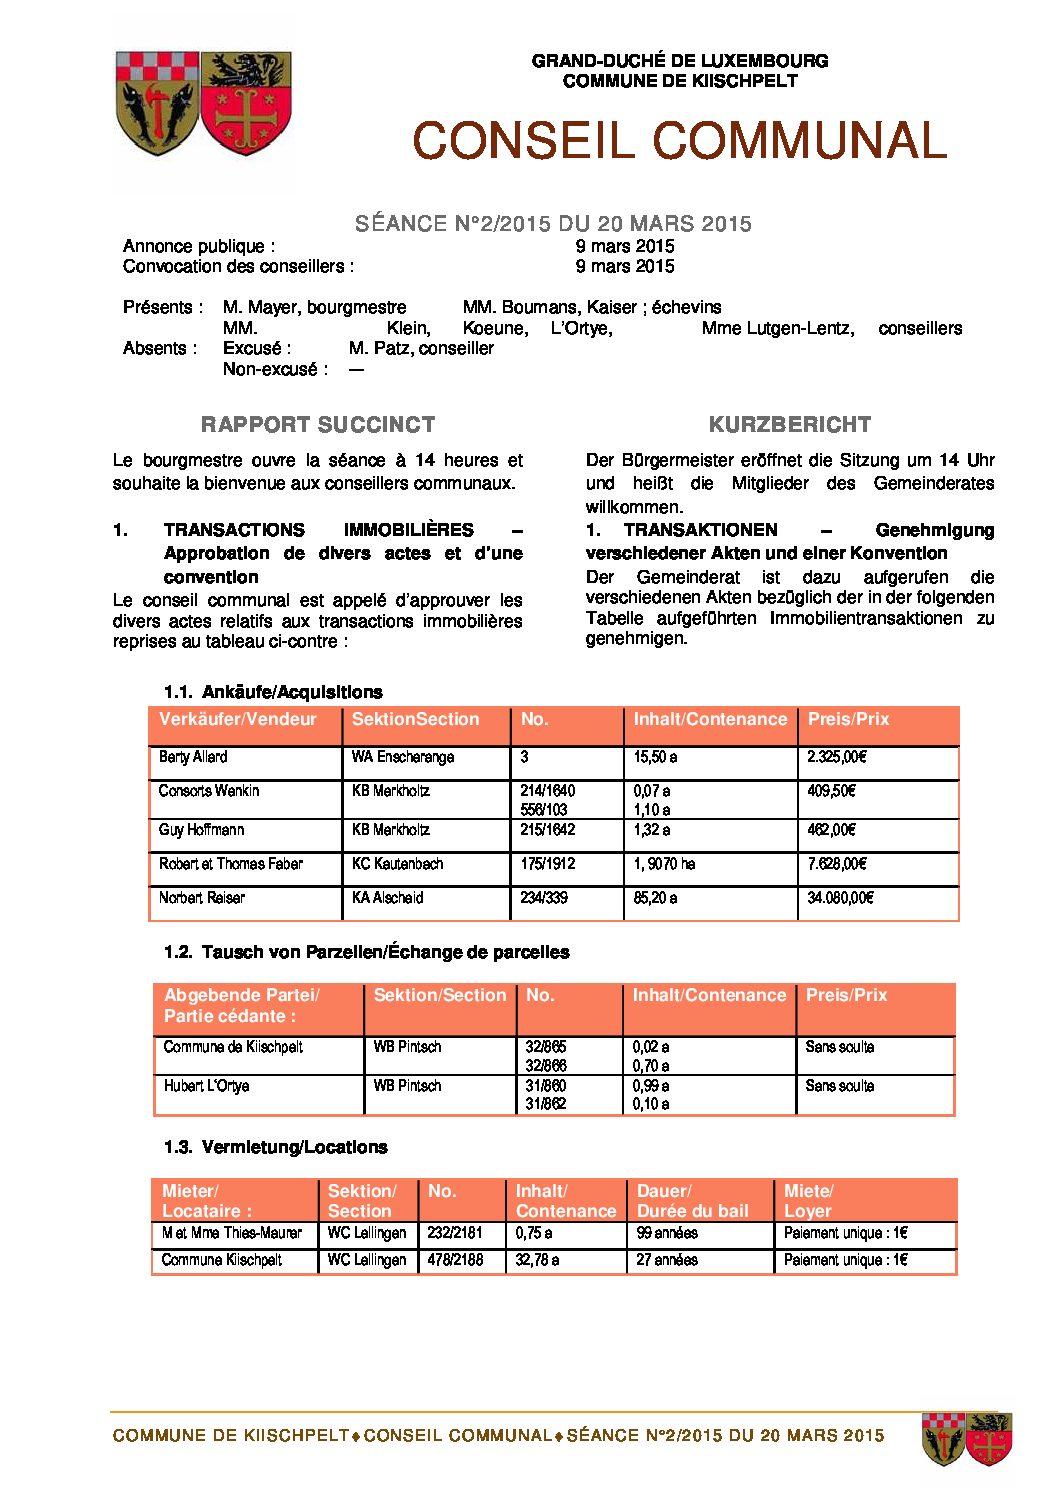 Gemeinderats Bericht vom 20.03.2015